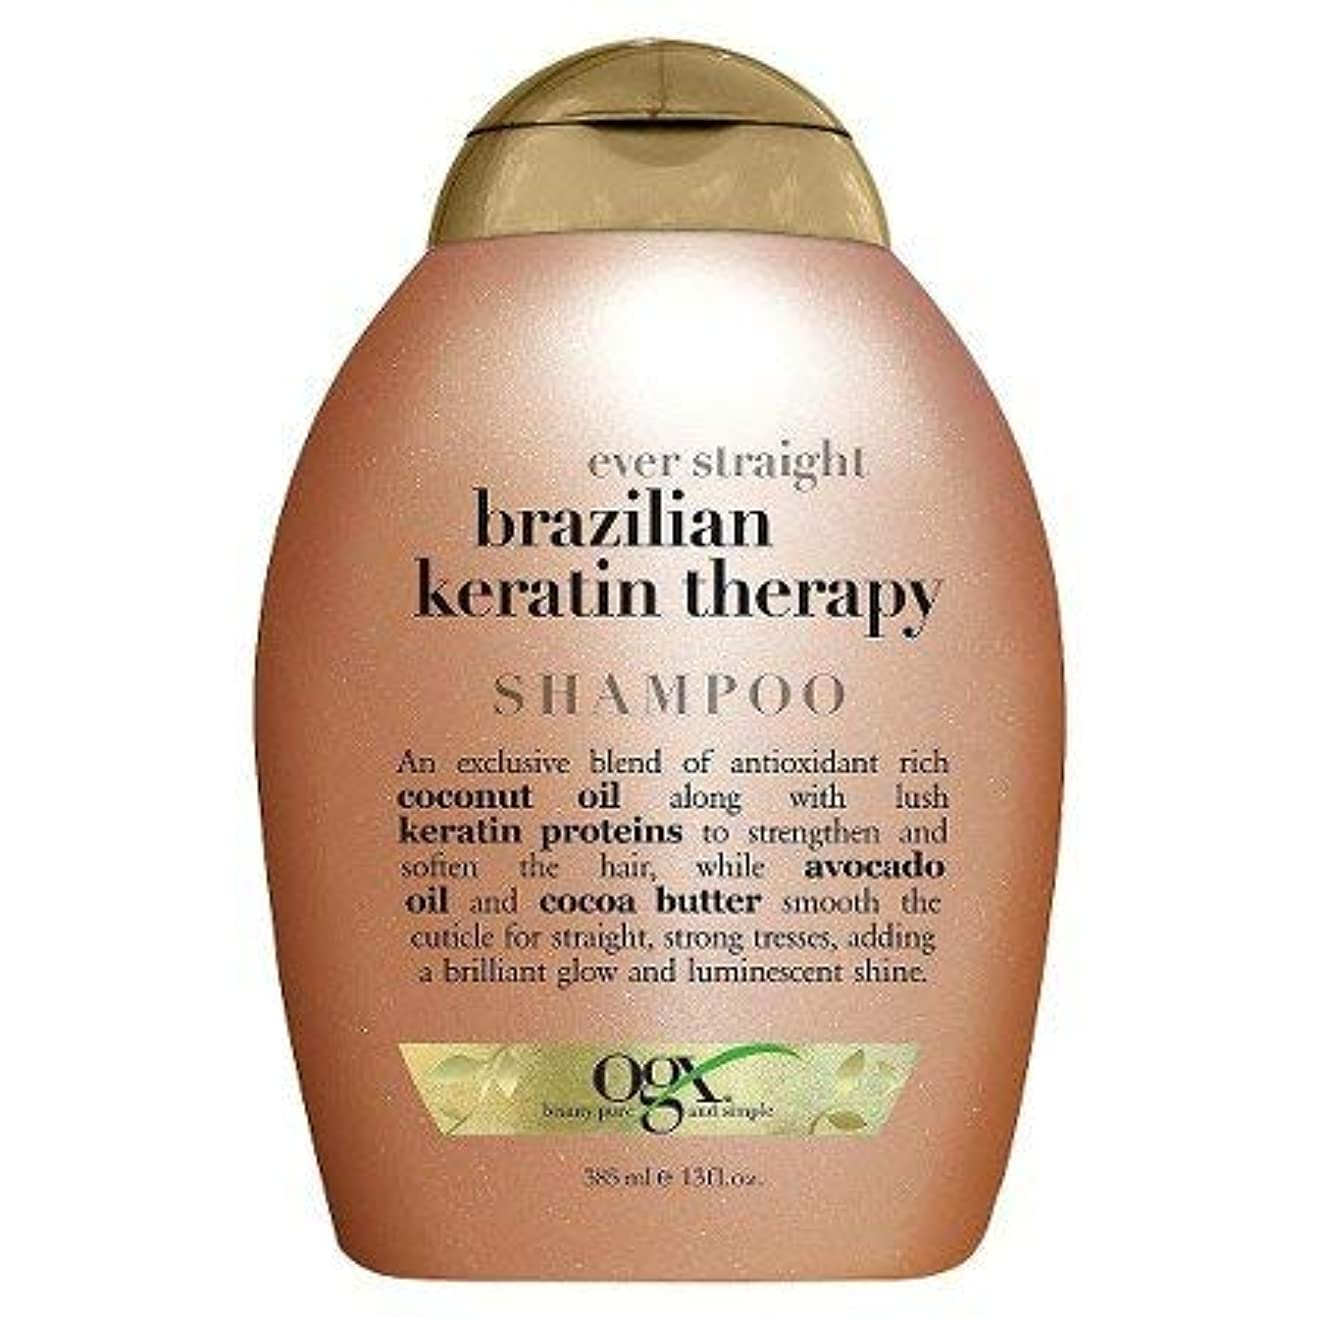 サーキュレーションいわゆる依存するOGX Ever Straight Sulfate & Sodium Free Brazilian Keratin Therapy Shampoo 360ml エヴァーストレートブラジルケラチンセラピーシャンプーシャンプー...